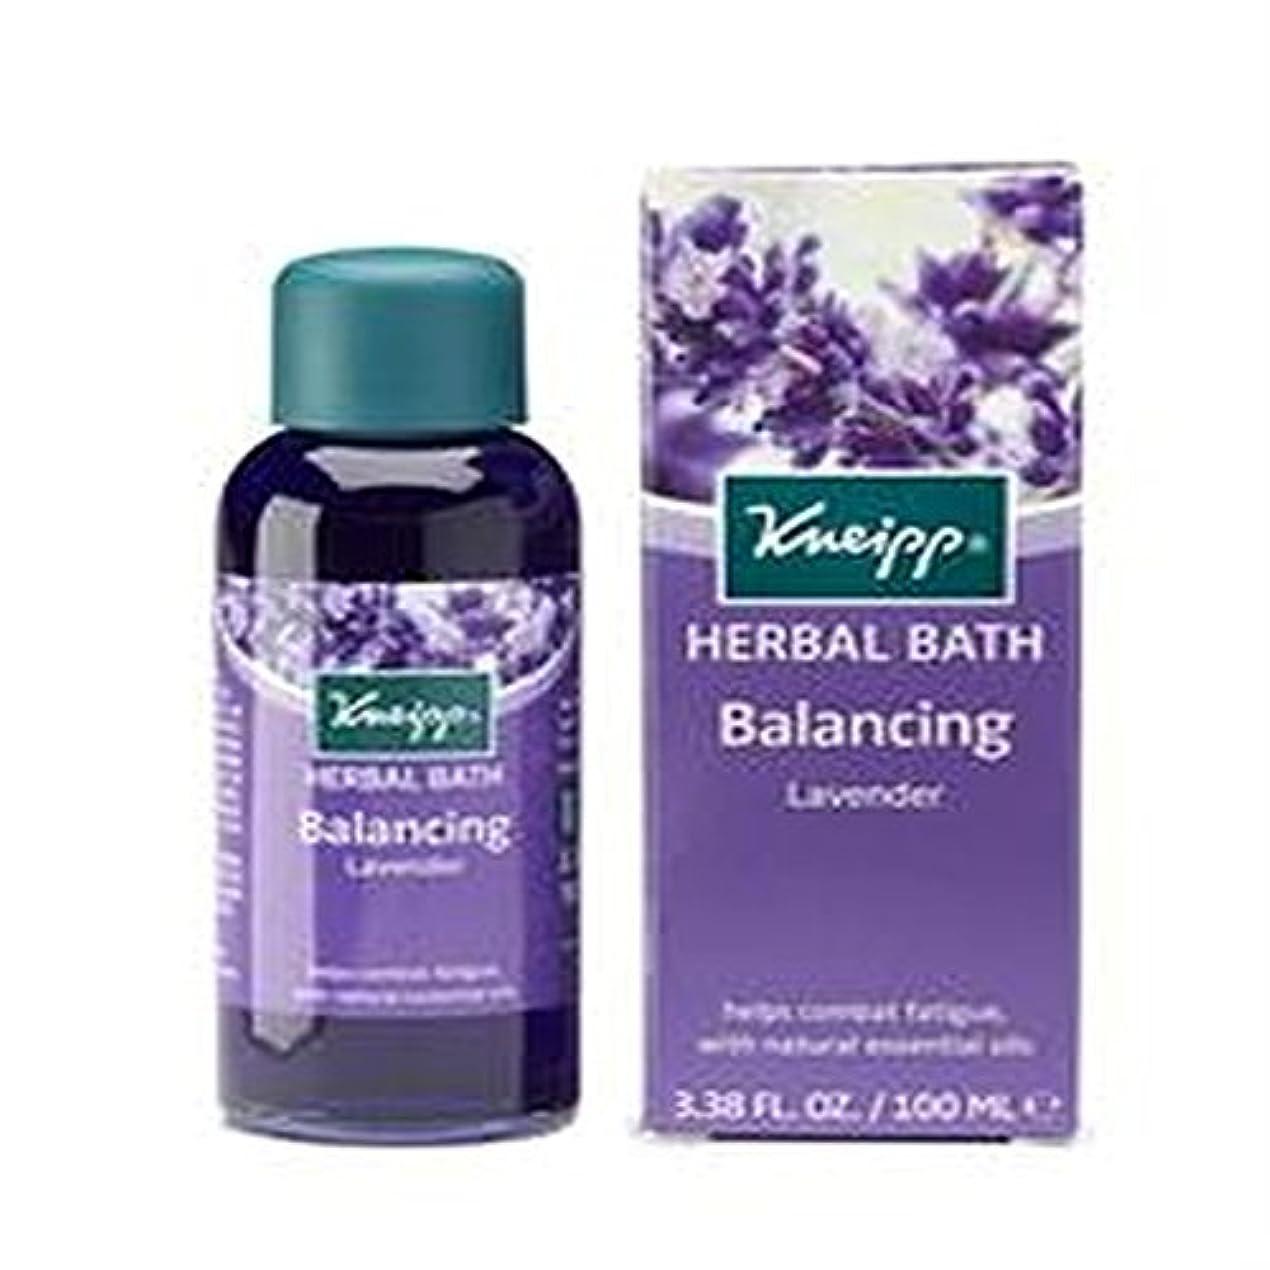 討論青討論Kneipp Balancing Lavender Herbal Bath - 3.38 Oz. (並行輸入品) [並行輸入品]